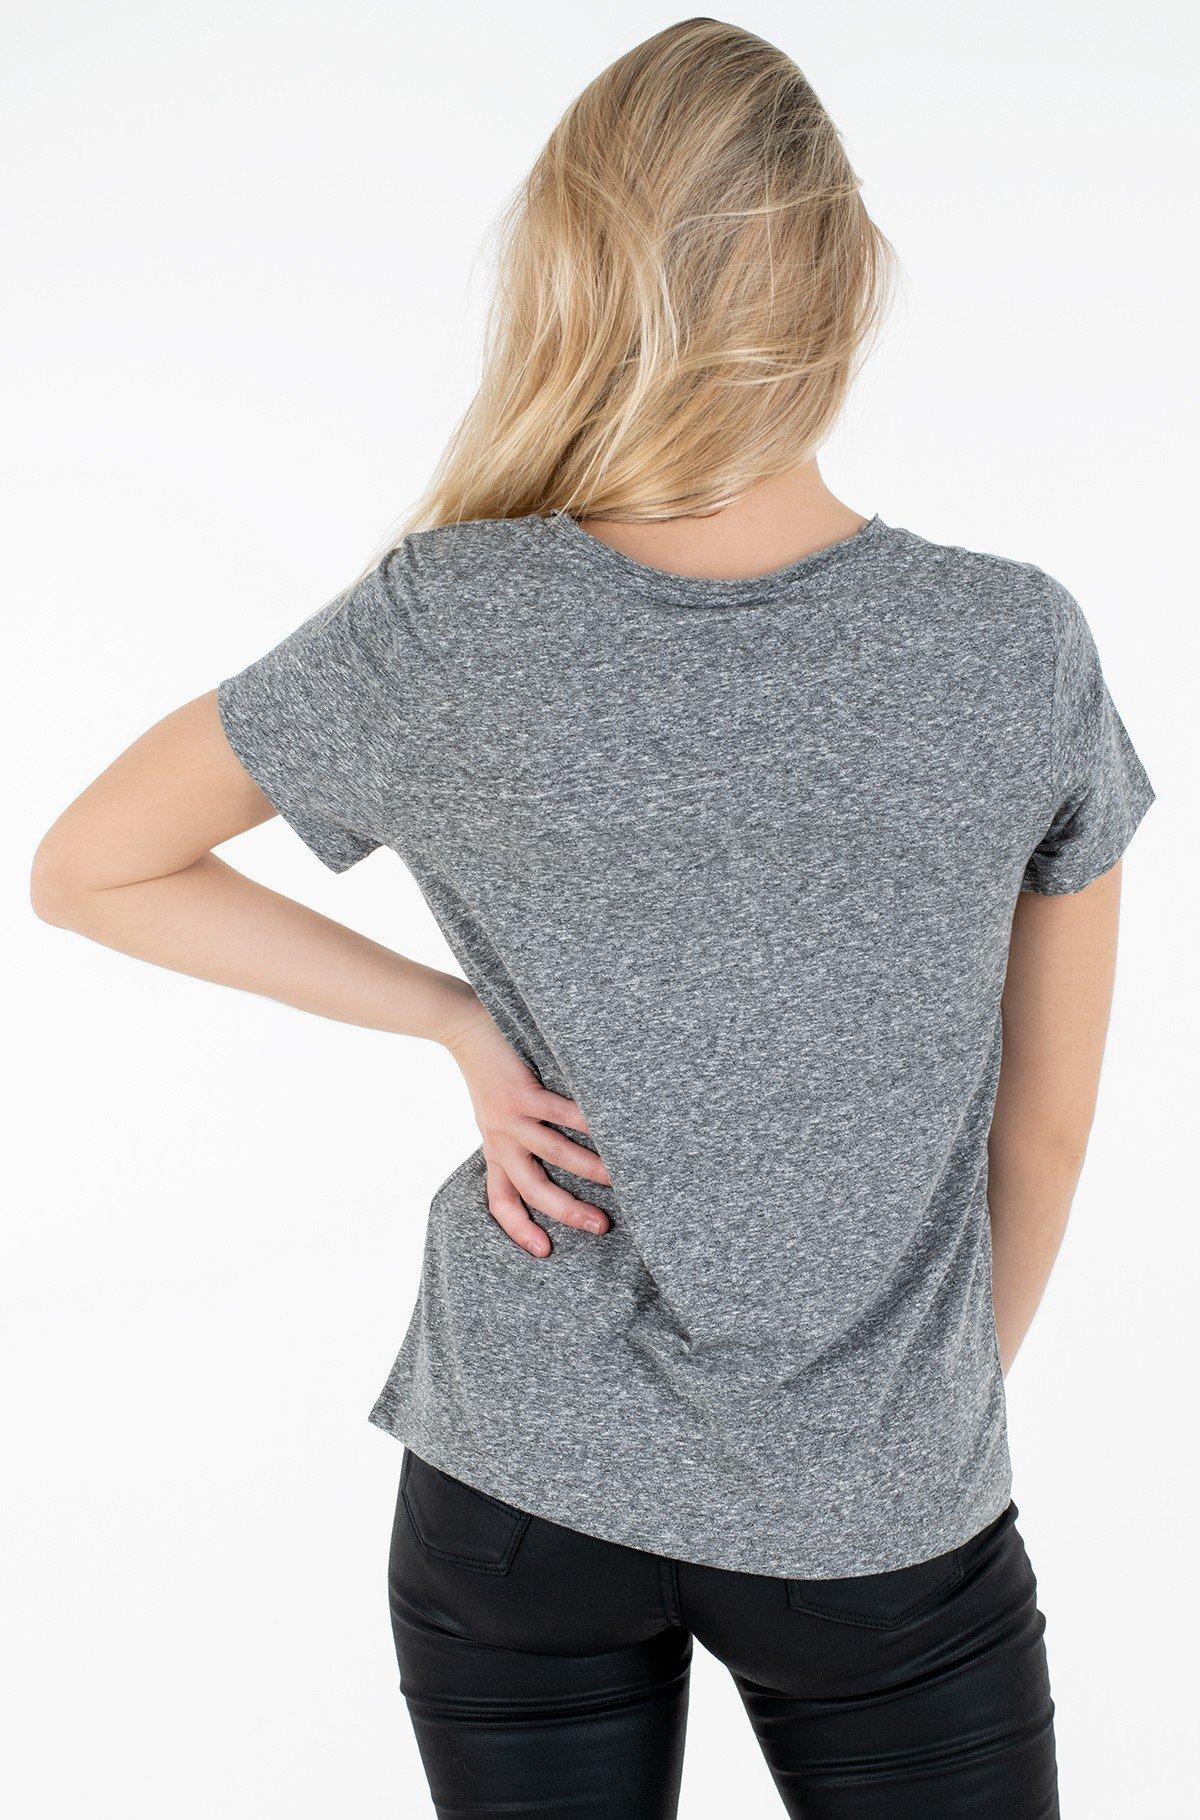 T-shirt DAFNE/PL504613-full-2